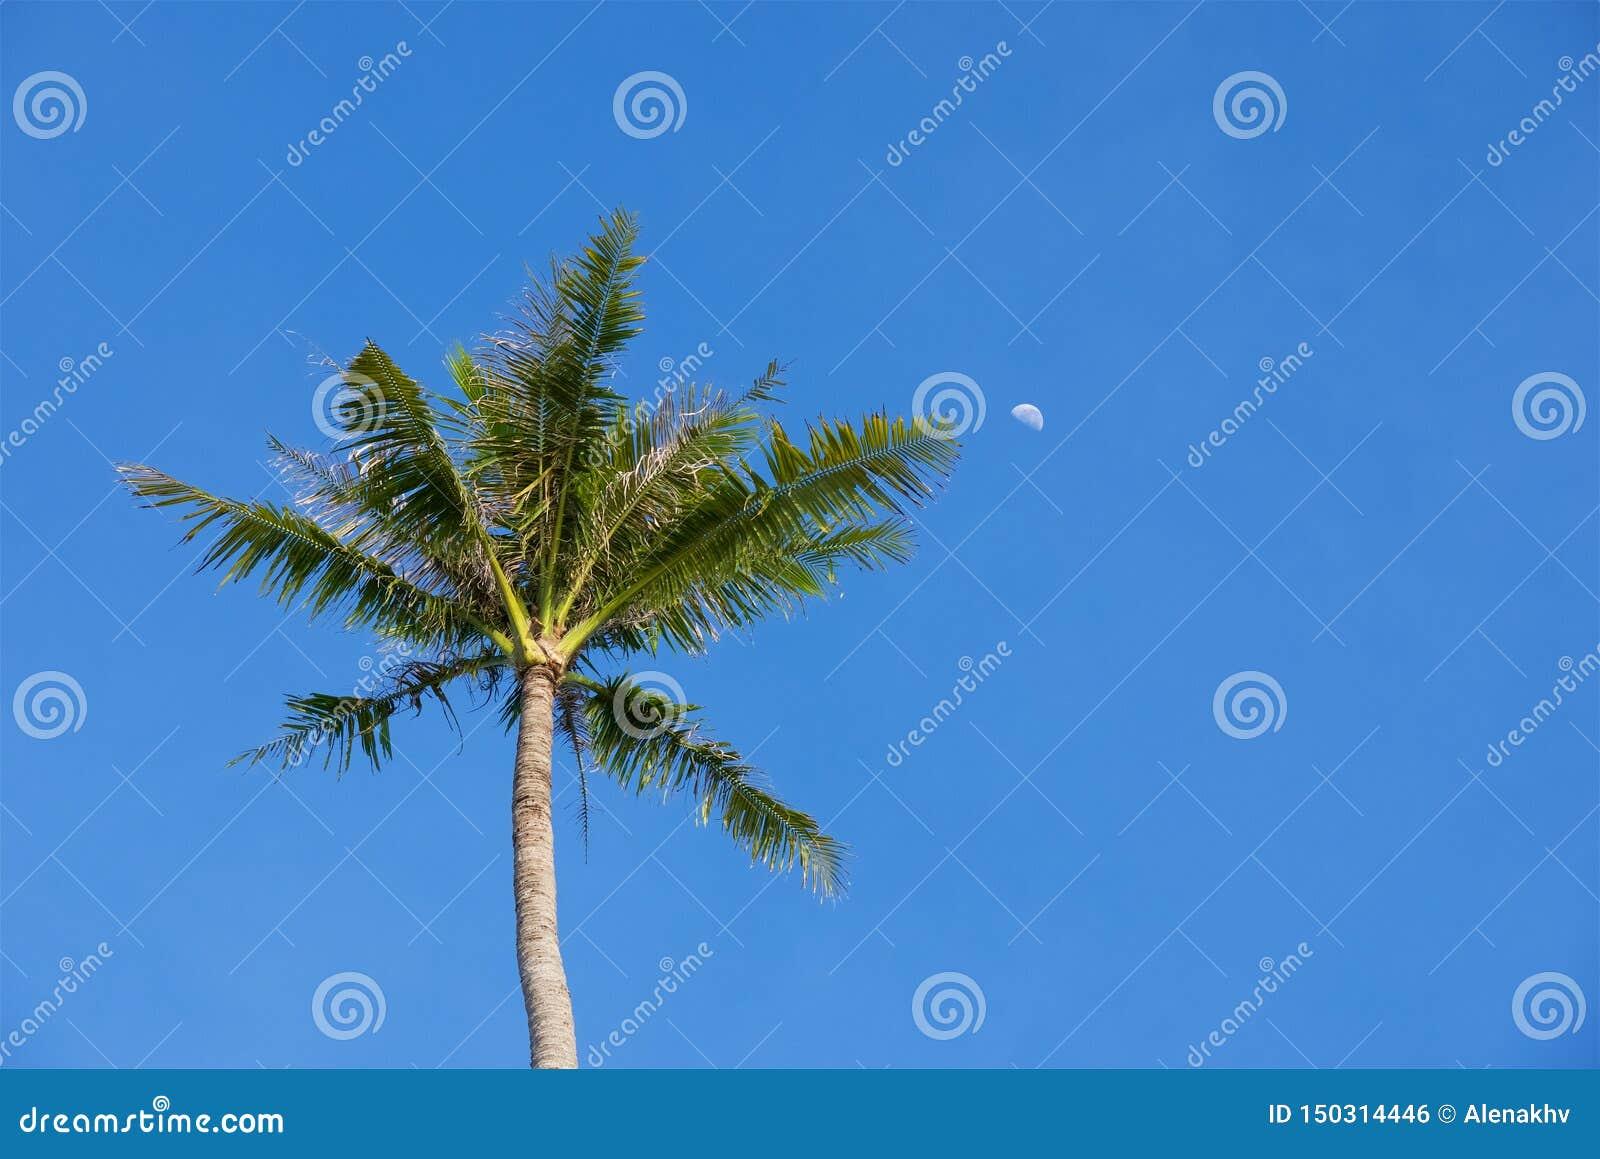 Palmeira e lua tropicais verdes contra um céu azul